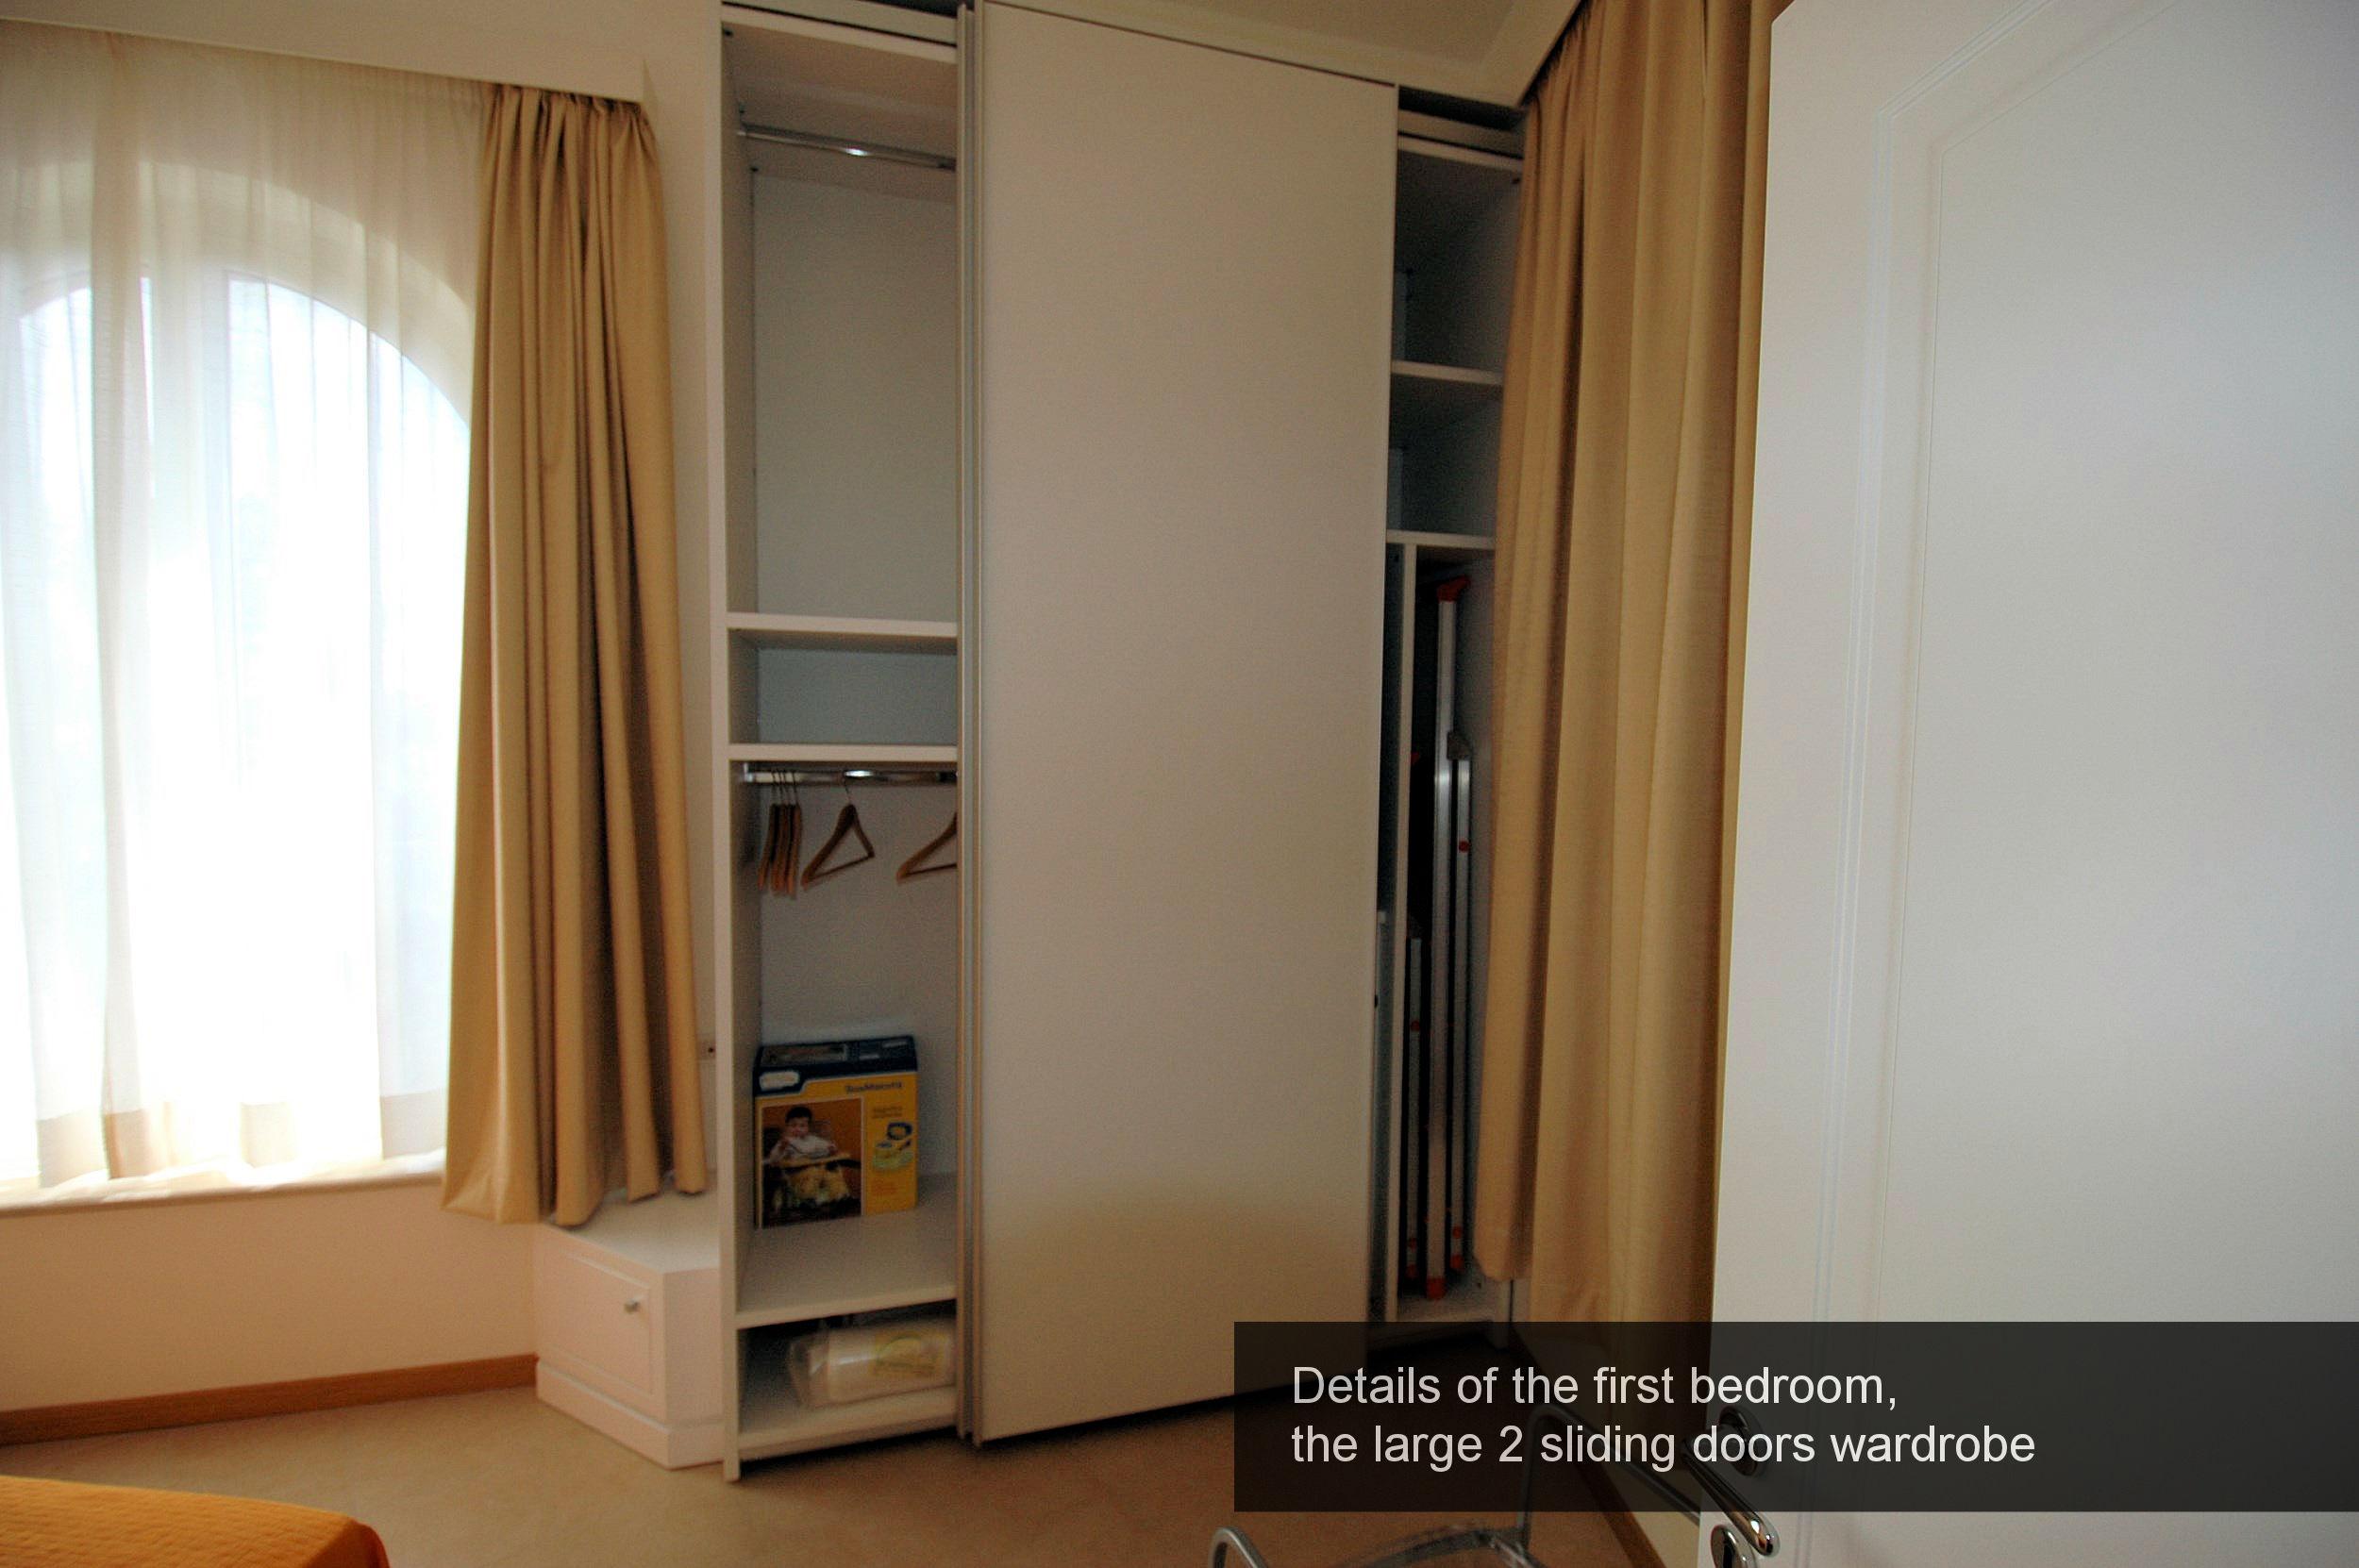 5) details, large wardrobe first bedroom